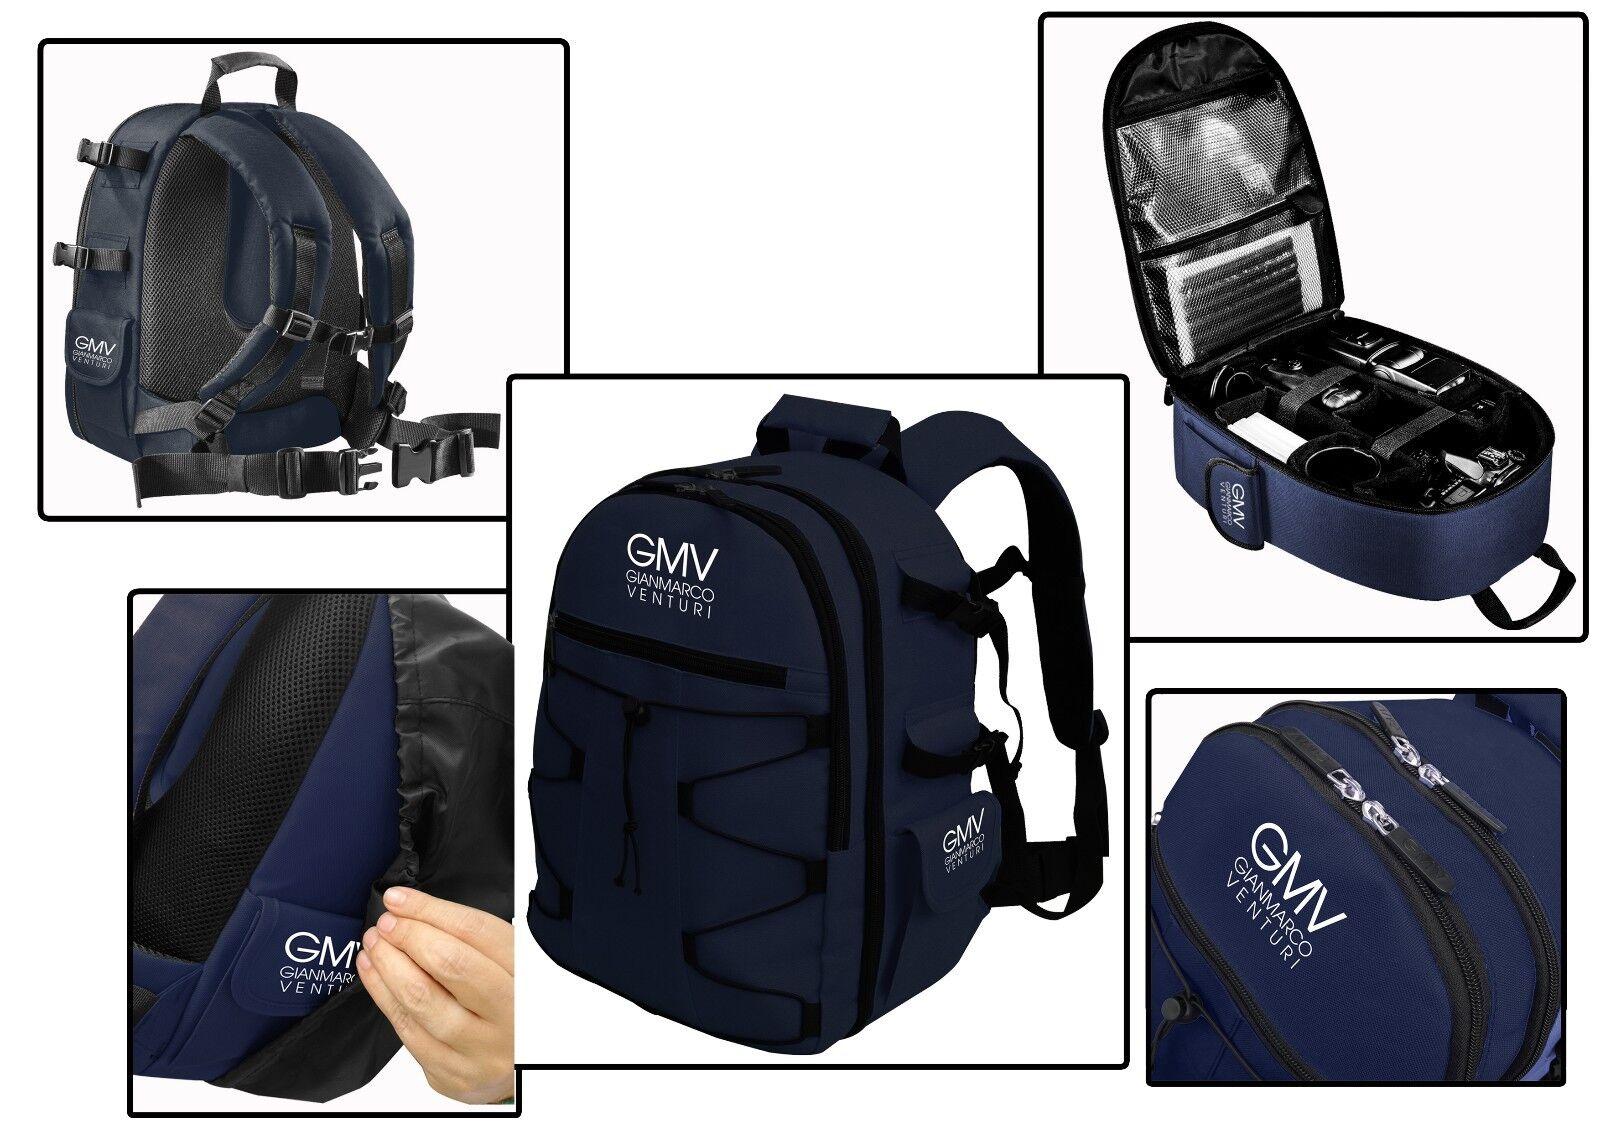 Zaino Reflex Blu per fotocamera SLR e accessori + COVER ANTIPIOGGIA GMV NERA